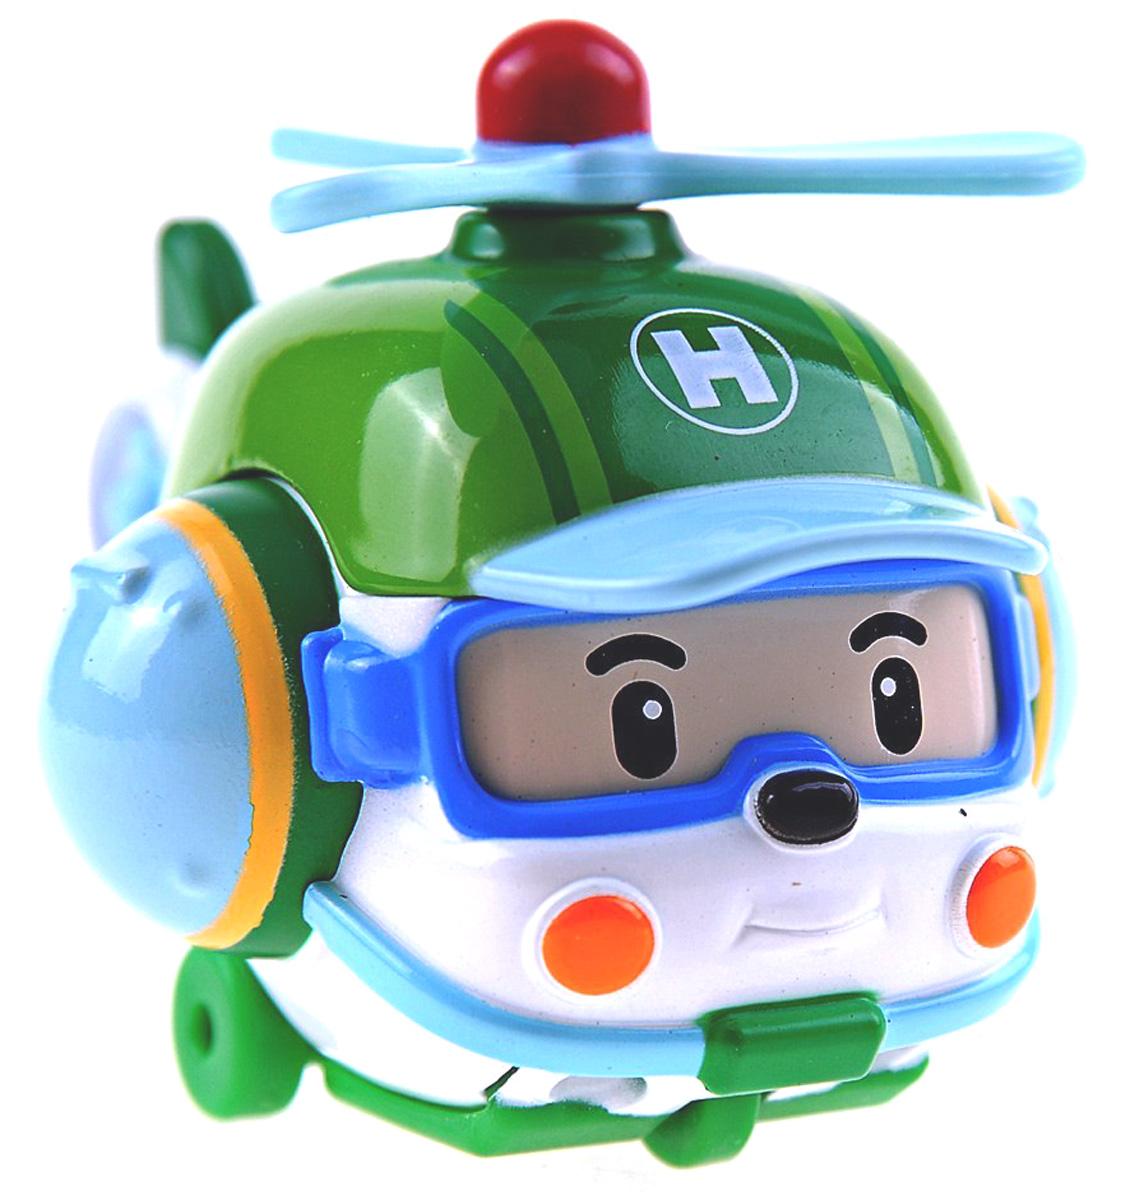 Robocar Poli Игрушка Вертолет Хэлли83160Яркая игрушка Poli Вертолет Хэлли непременно понравится вашему малышу. Она выполнена из металла с элементами пластика в виде спасательного вертолета Хэлли - персонажа популярного мультсериала Robocar Poli. Хэлли оснащен крутящимся винтом, а также колесиками со свободным ходом, позволяющими катать вертолетик. Благодаря небольшому размеру ребенок сможет взять игрушку с собой на прогулку, в поездку или в гости. Порадуйте своего малыша таким замечательным подарком!